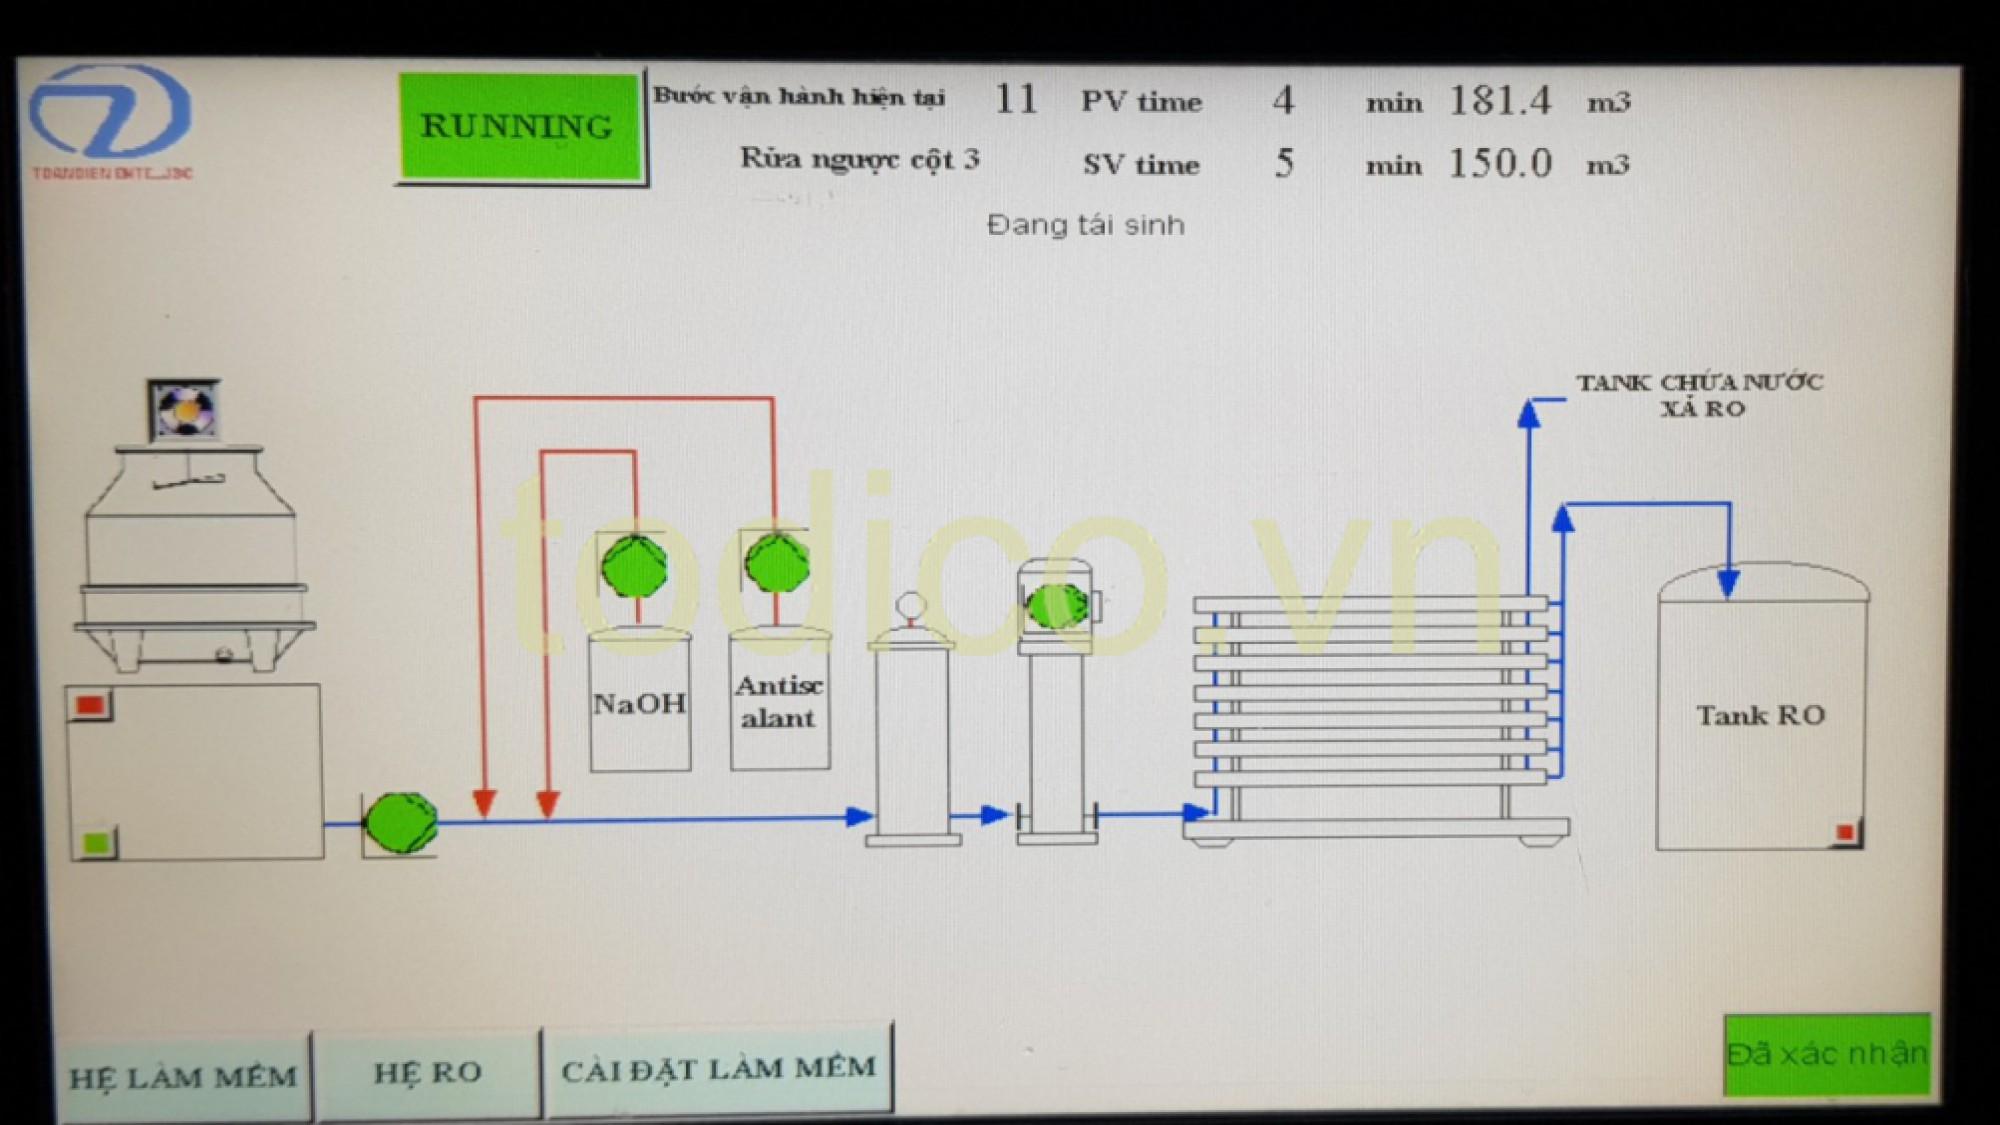 Hệ thống xử lý nước làm đá viên - Nhà máy nước đá Hồng Phúc Vĩnh Lộc